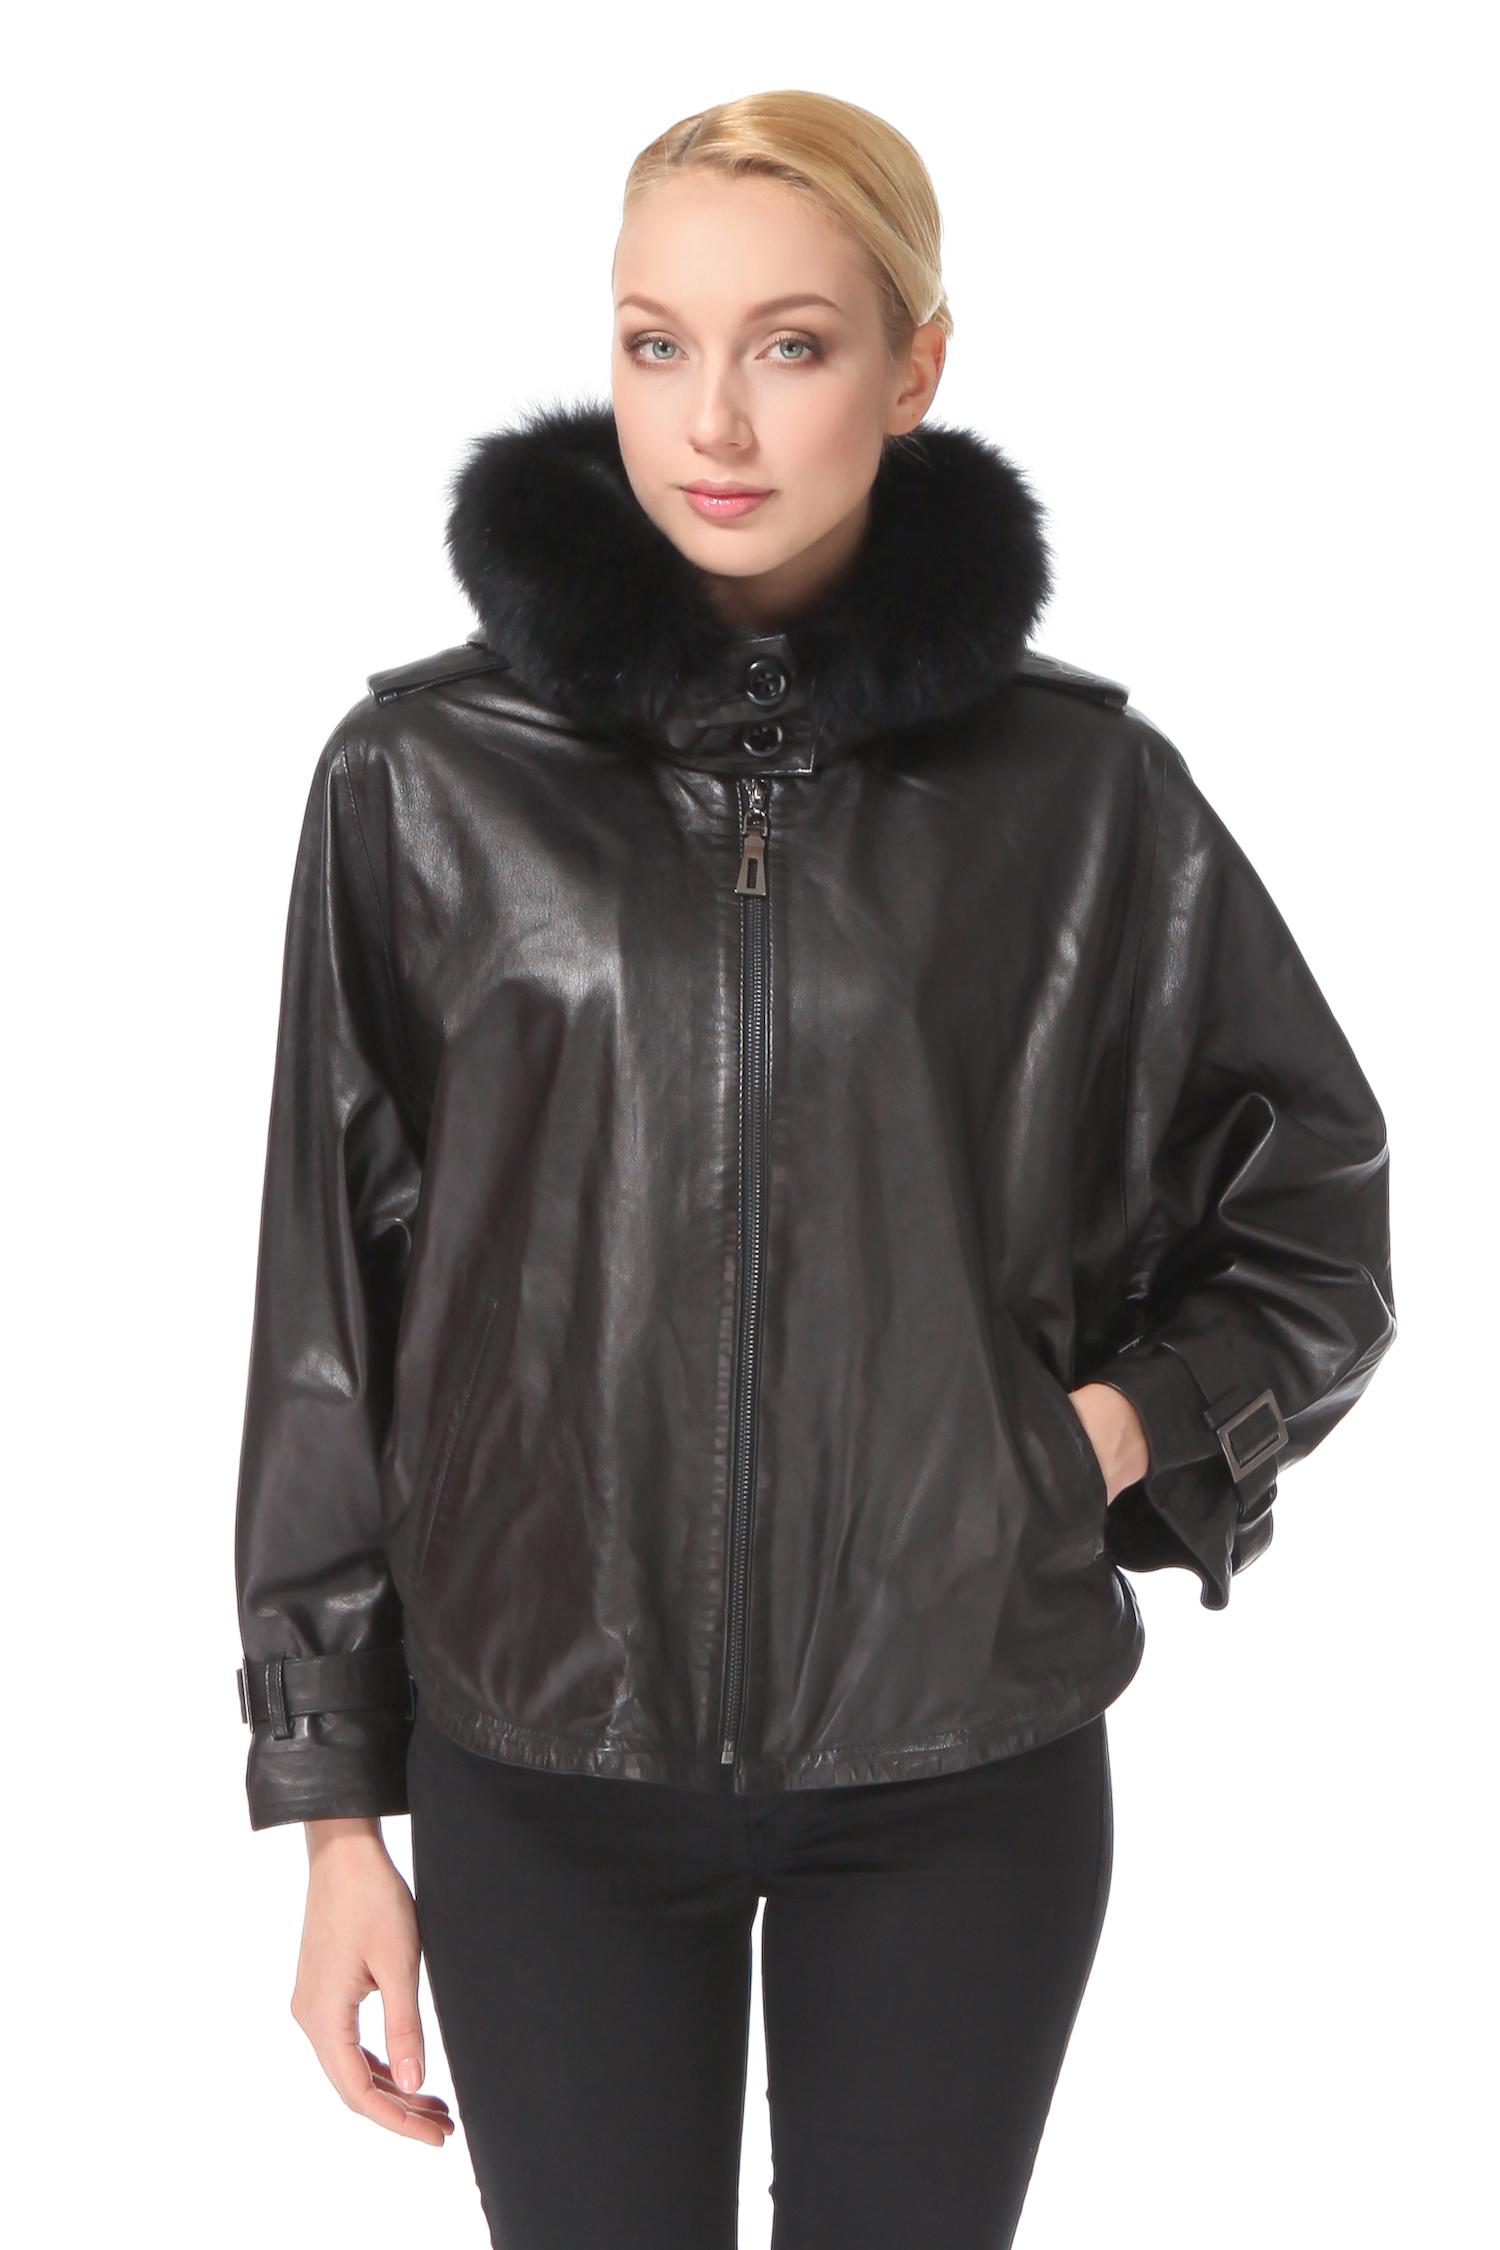 Женская кожаная куртка из натуральной кожи с капюшоном, отделка песец